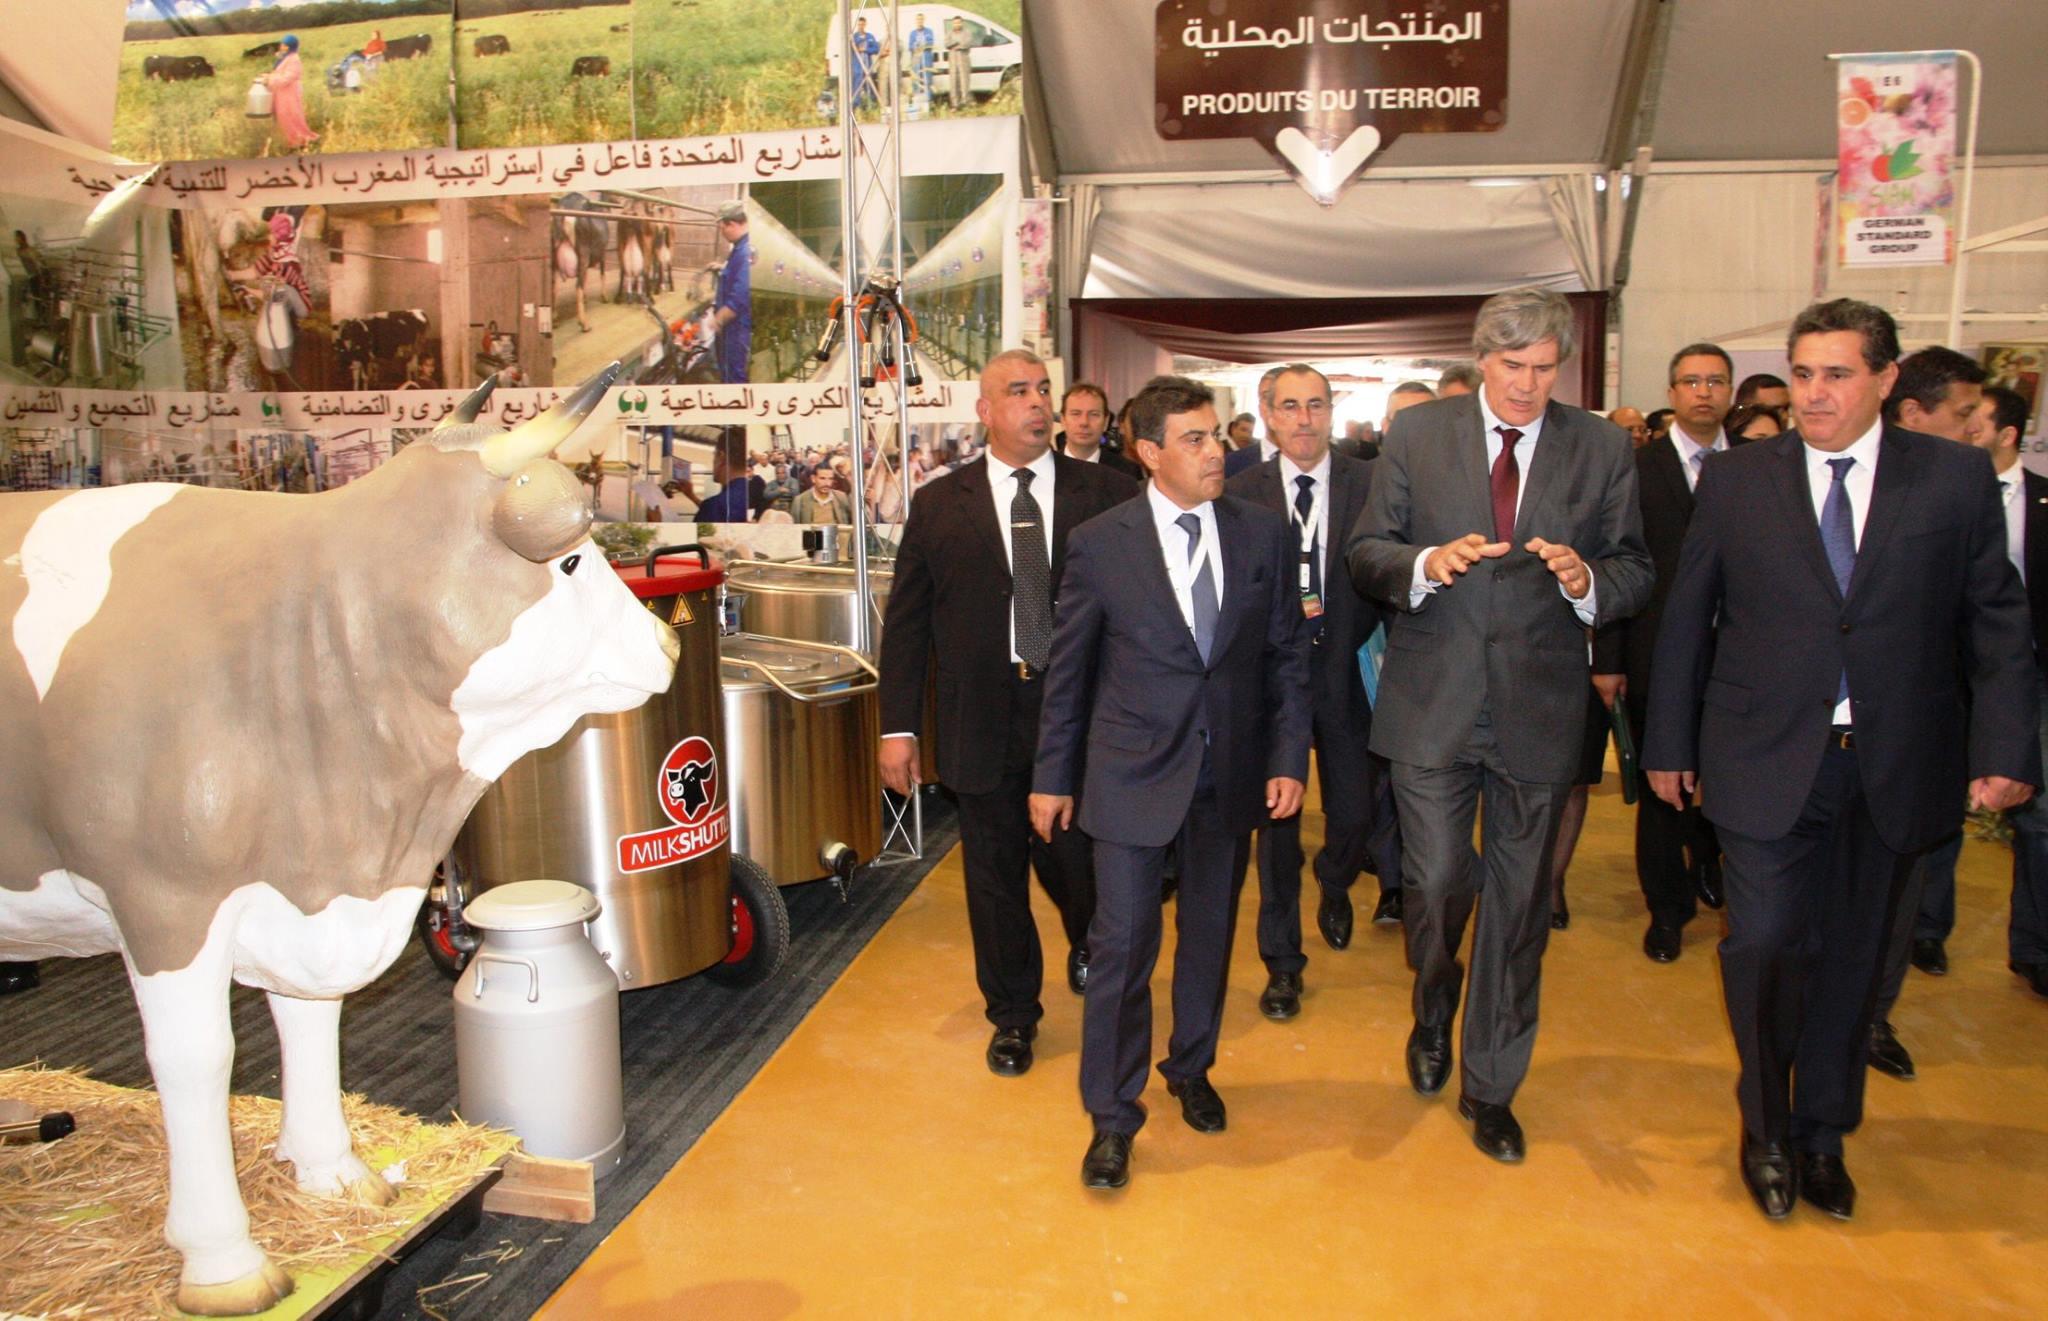 أخنوش يفتتح النسخة الثانية للمعرض الوطني للمراعي ويقف على سير مشاريع تنموية قروية بإقليم تزنيت